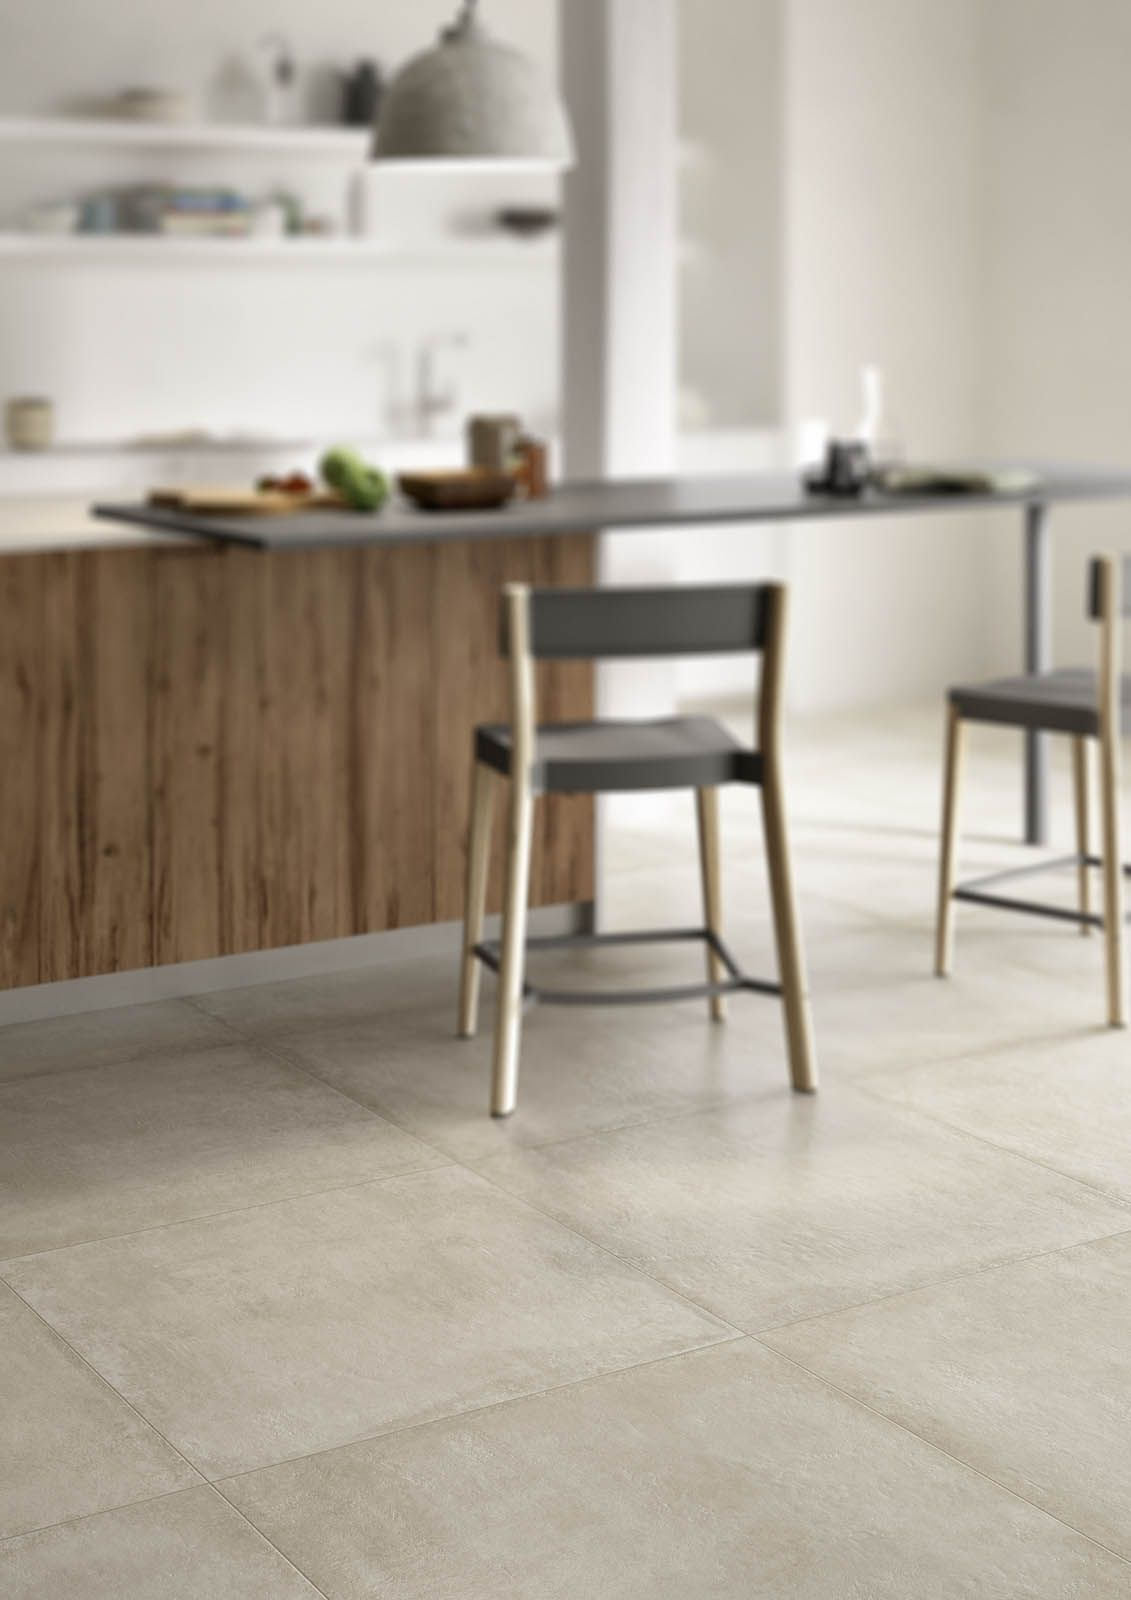 Clays Interior Floors Porcelain Tile Marazzi My Home - Marazzi fliesen kaufen